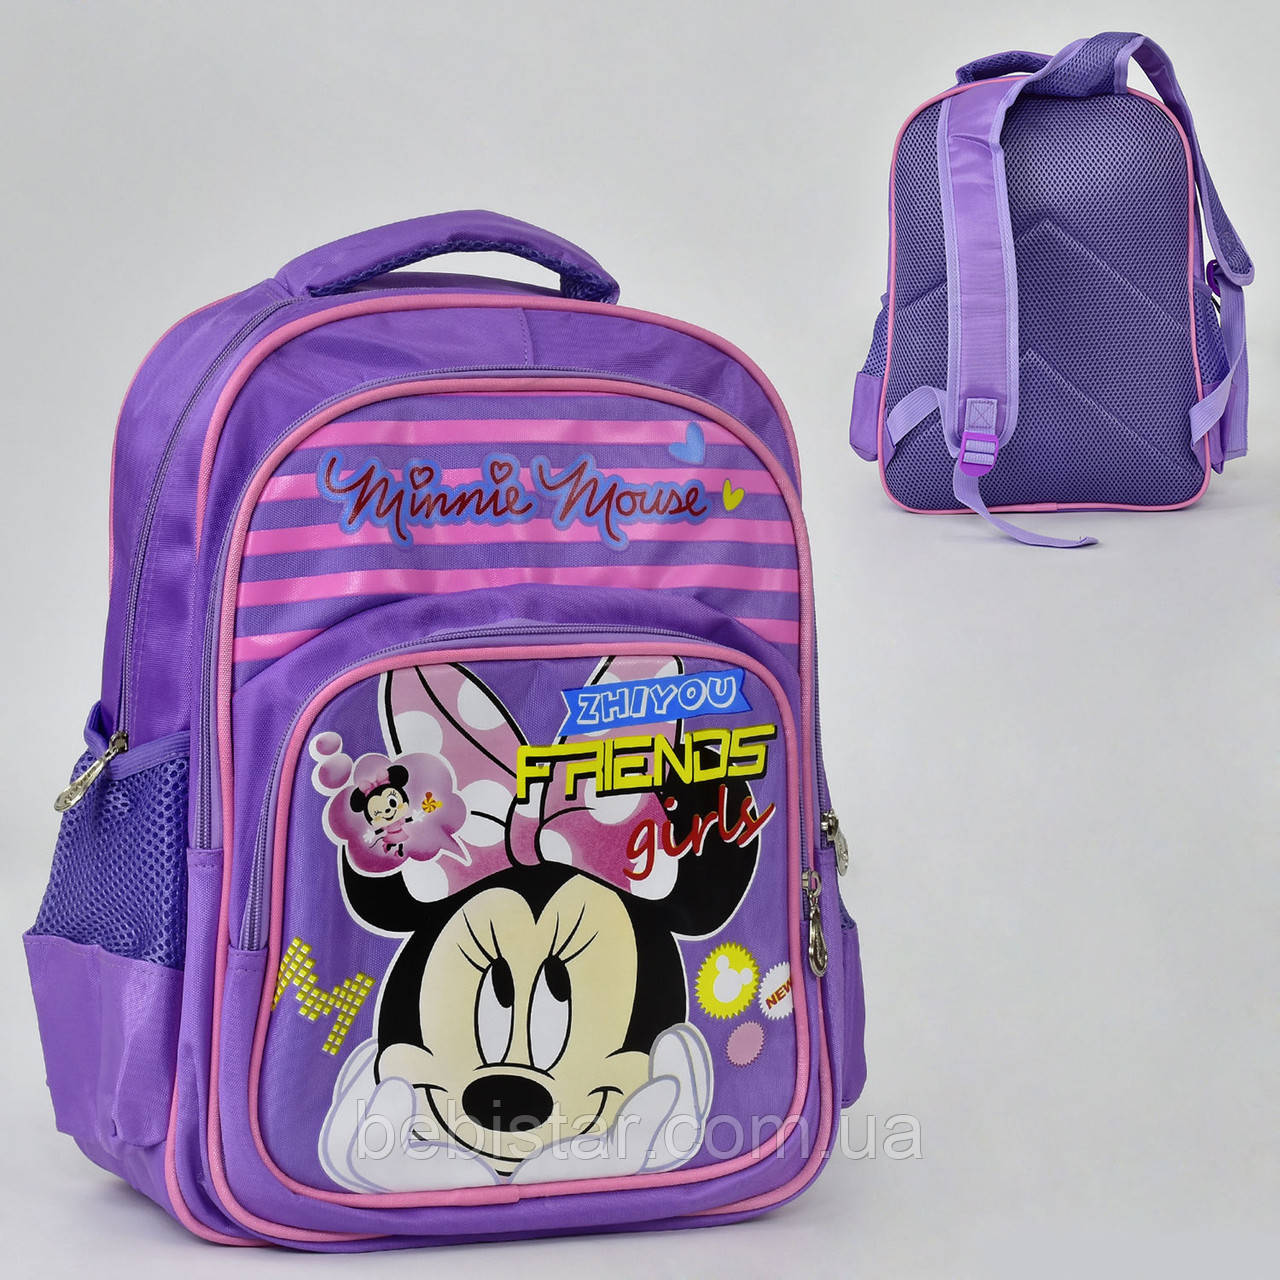 Шкільний рюкзак ортопедична спинка 3 кишені фіолетовий з зображенням Міккі Мауса